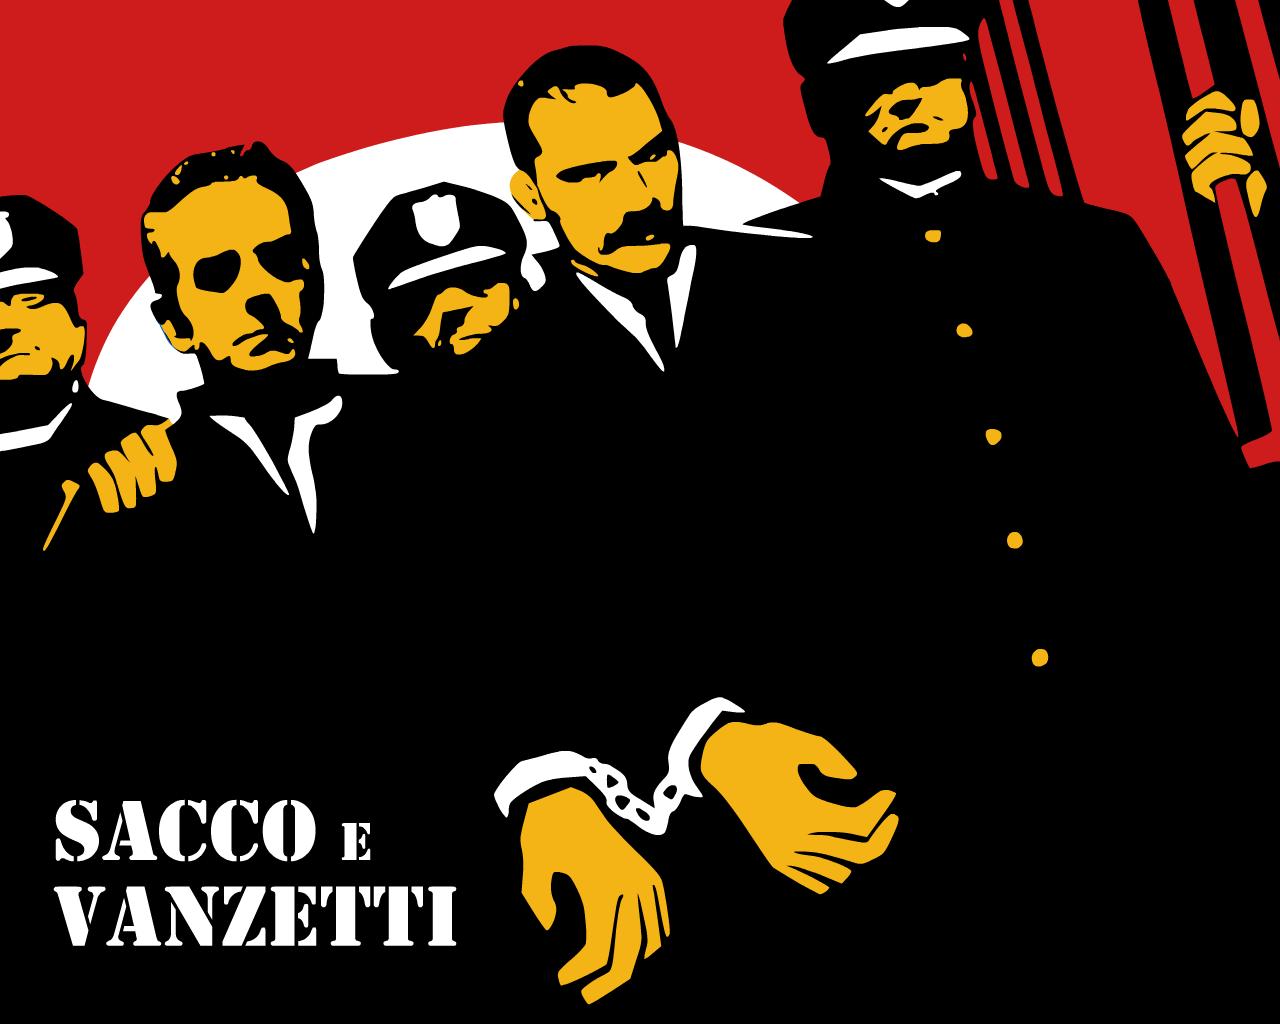 """""""Pero tú, habla por esos a los que nadie escucha..."""" Los anarquistas Nicola Sacco y Bartolomeo Vanzetti apresados por la policía"""